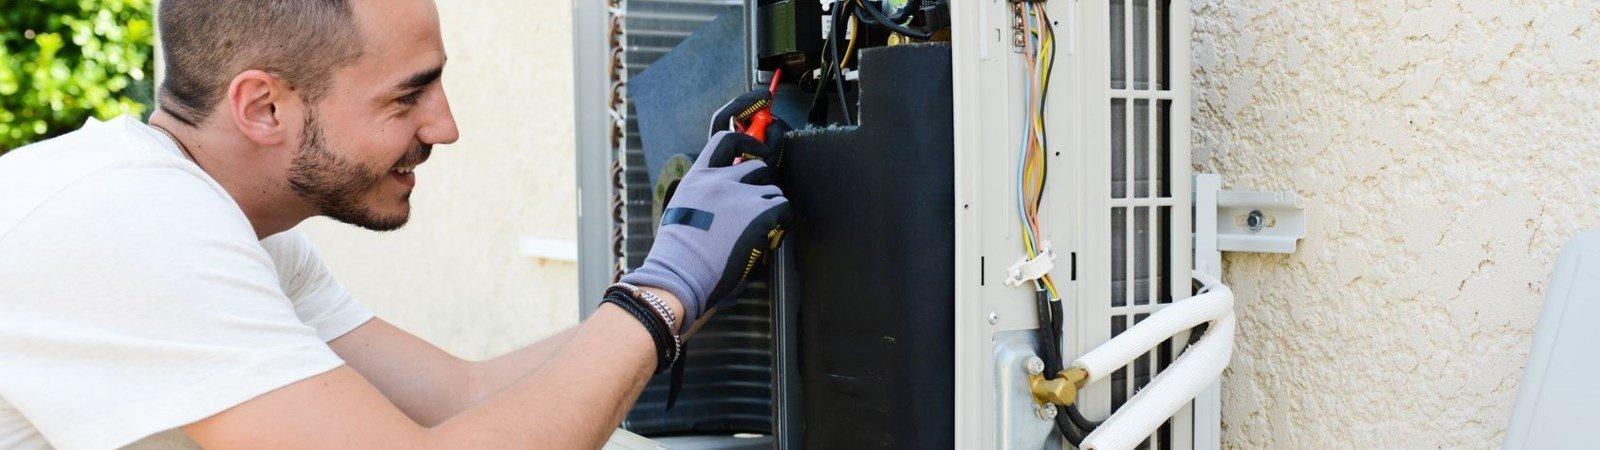 Klimaanlagen für Häuser: Angenehme Frische mit moderner Klimatechnik